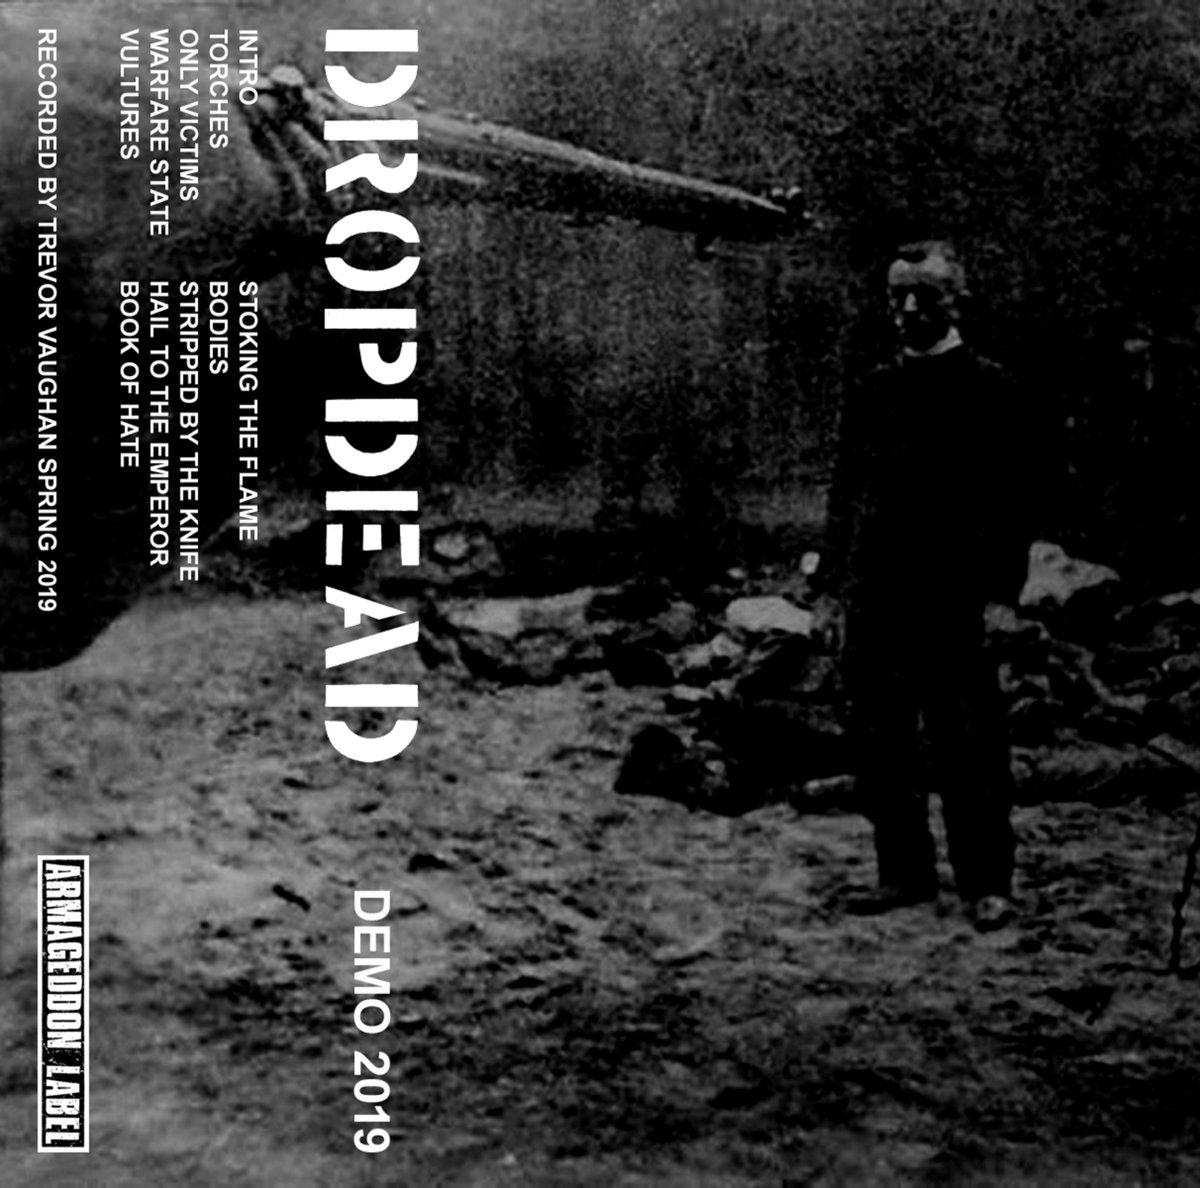 Dropdead-Demo-2019